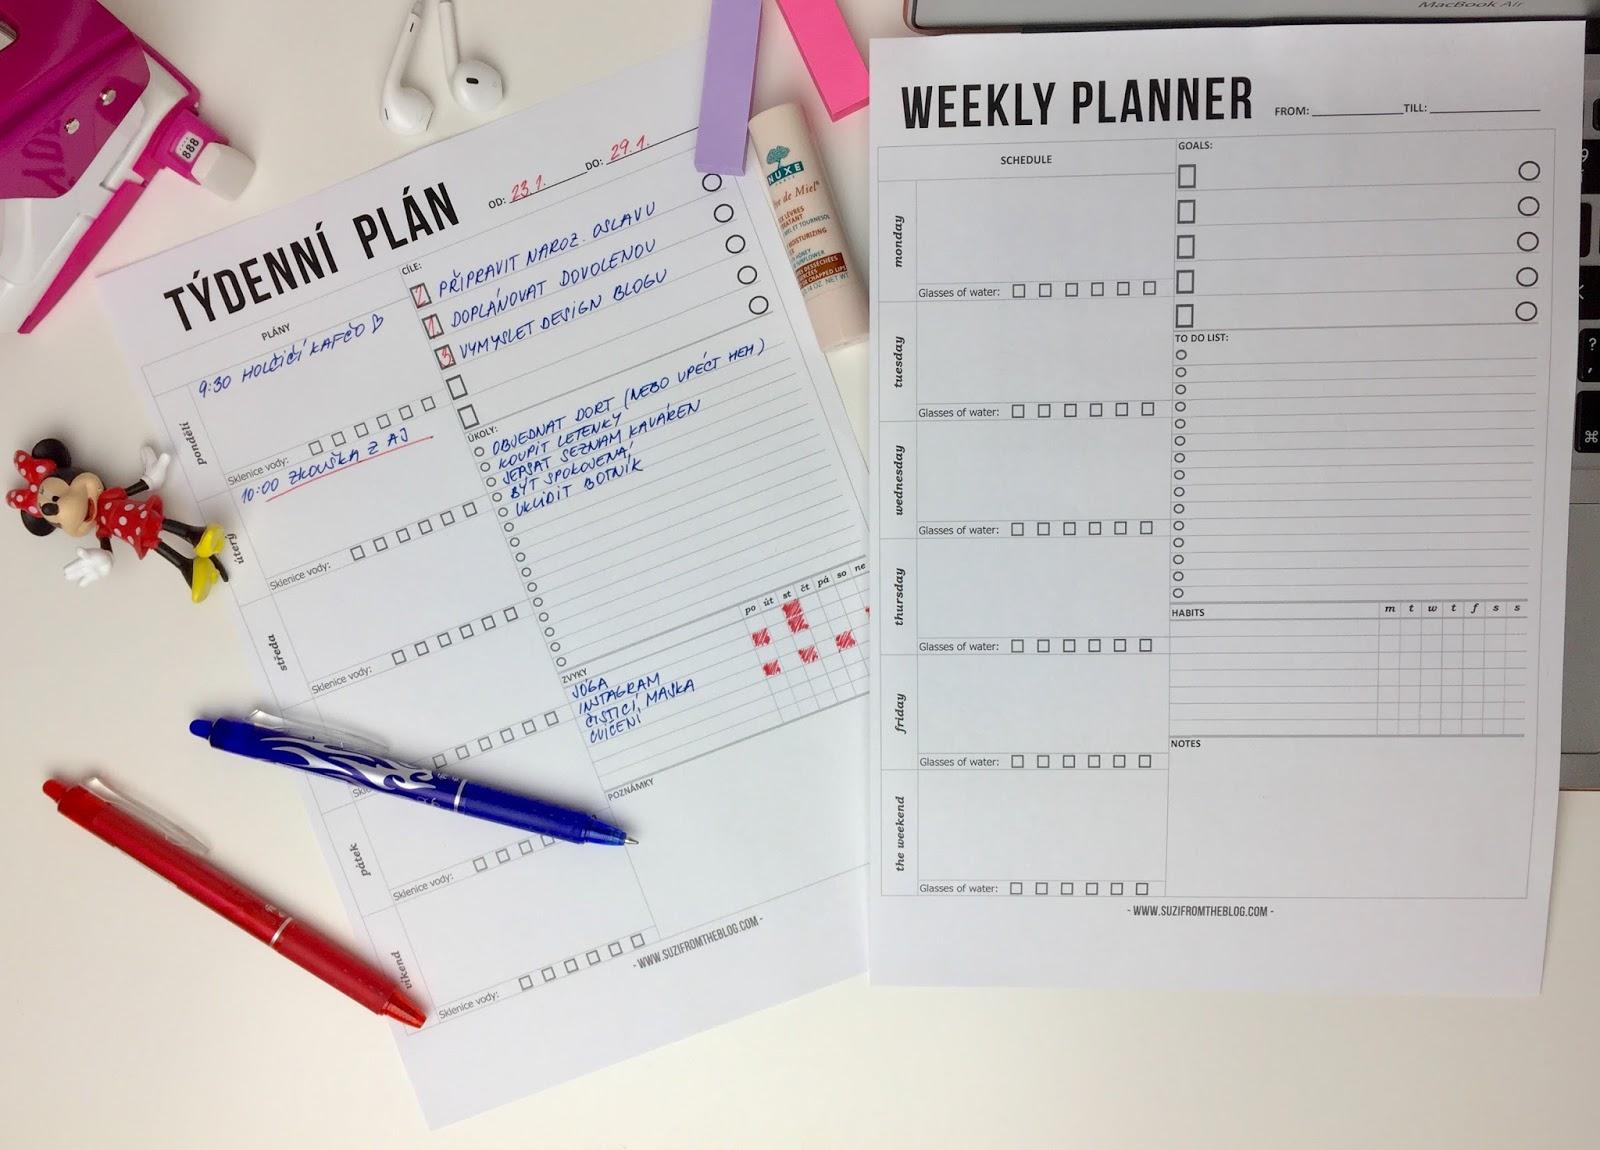 týdenní plánovač položený na bílém stole